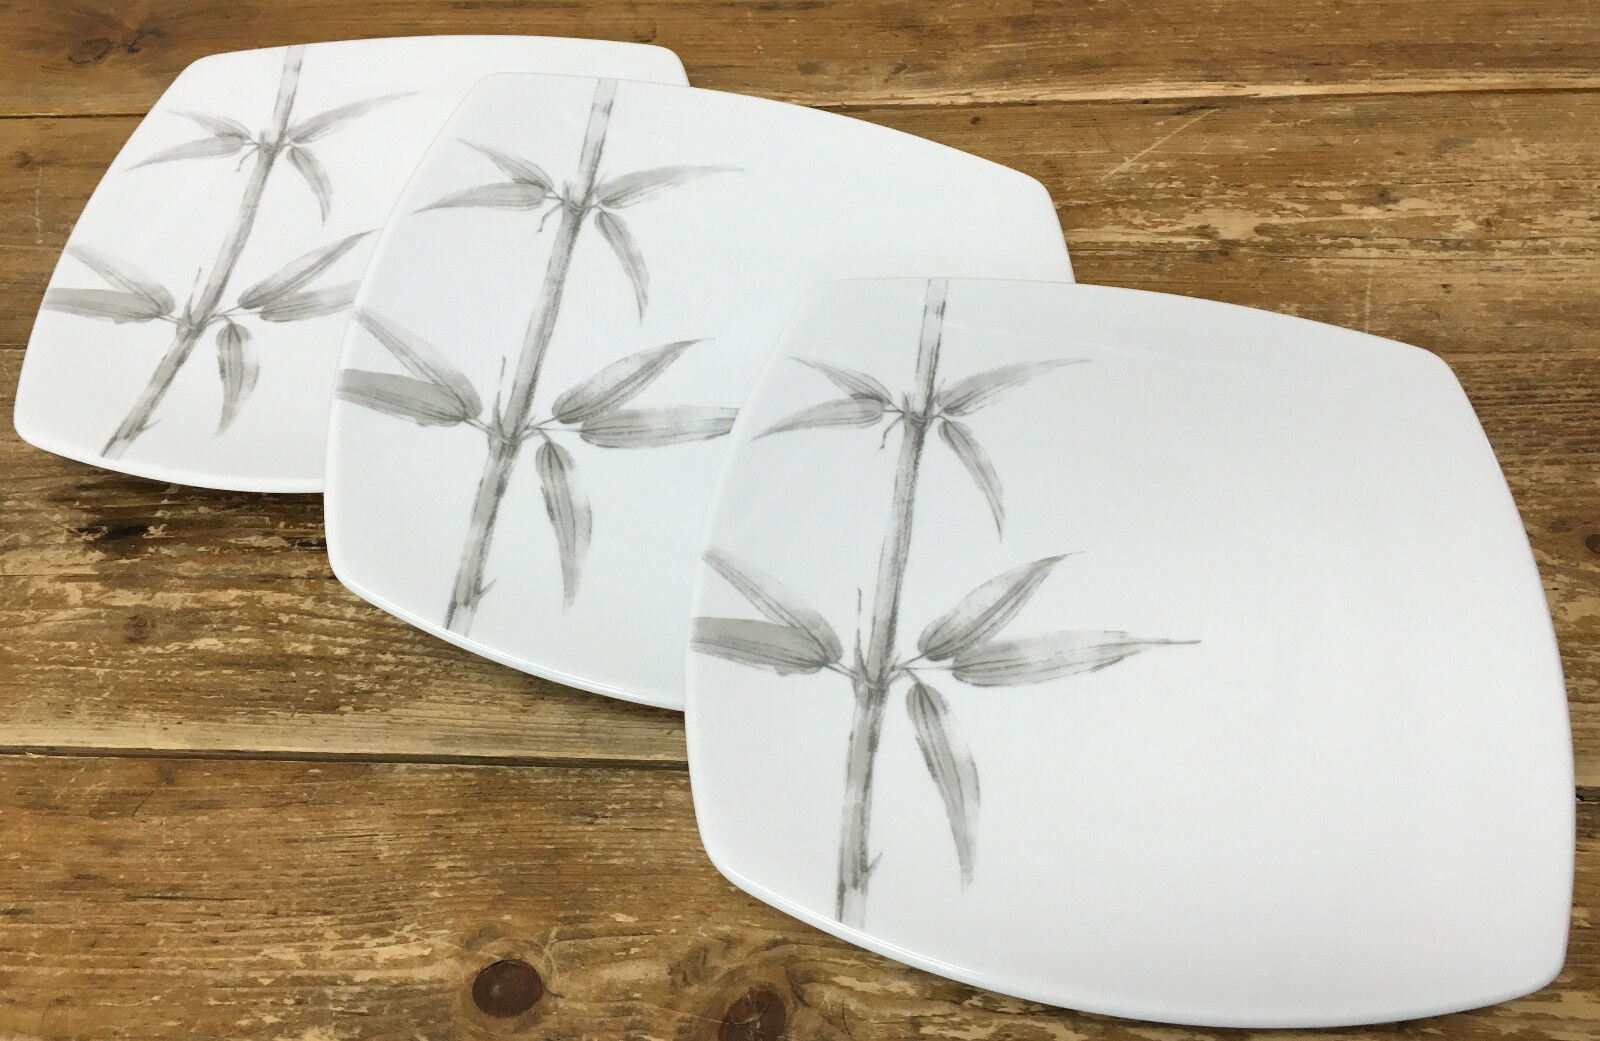 Studio Nova Silber Bamboo Y0814 Weiß Quadratisch 3 Essteller Grau Feines     | ein guter Ruf in der Welt